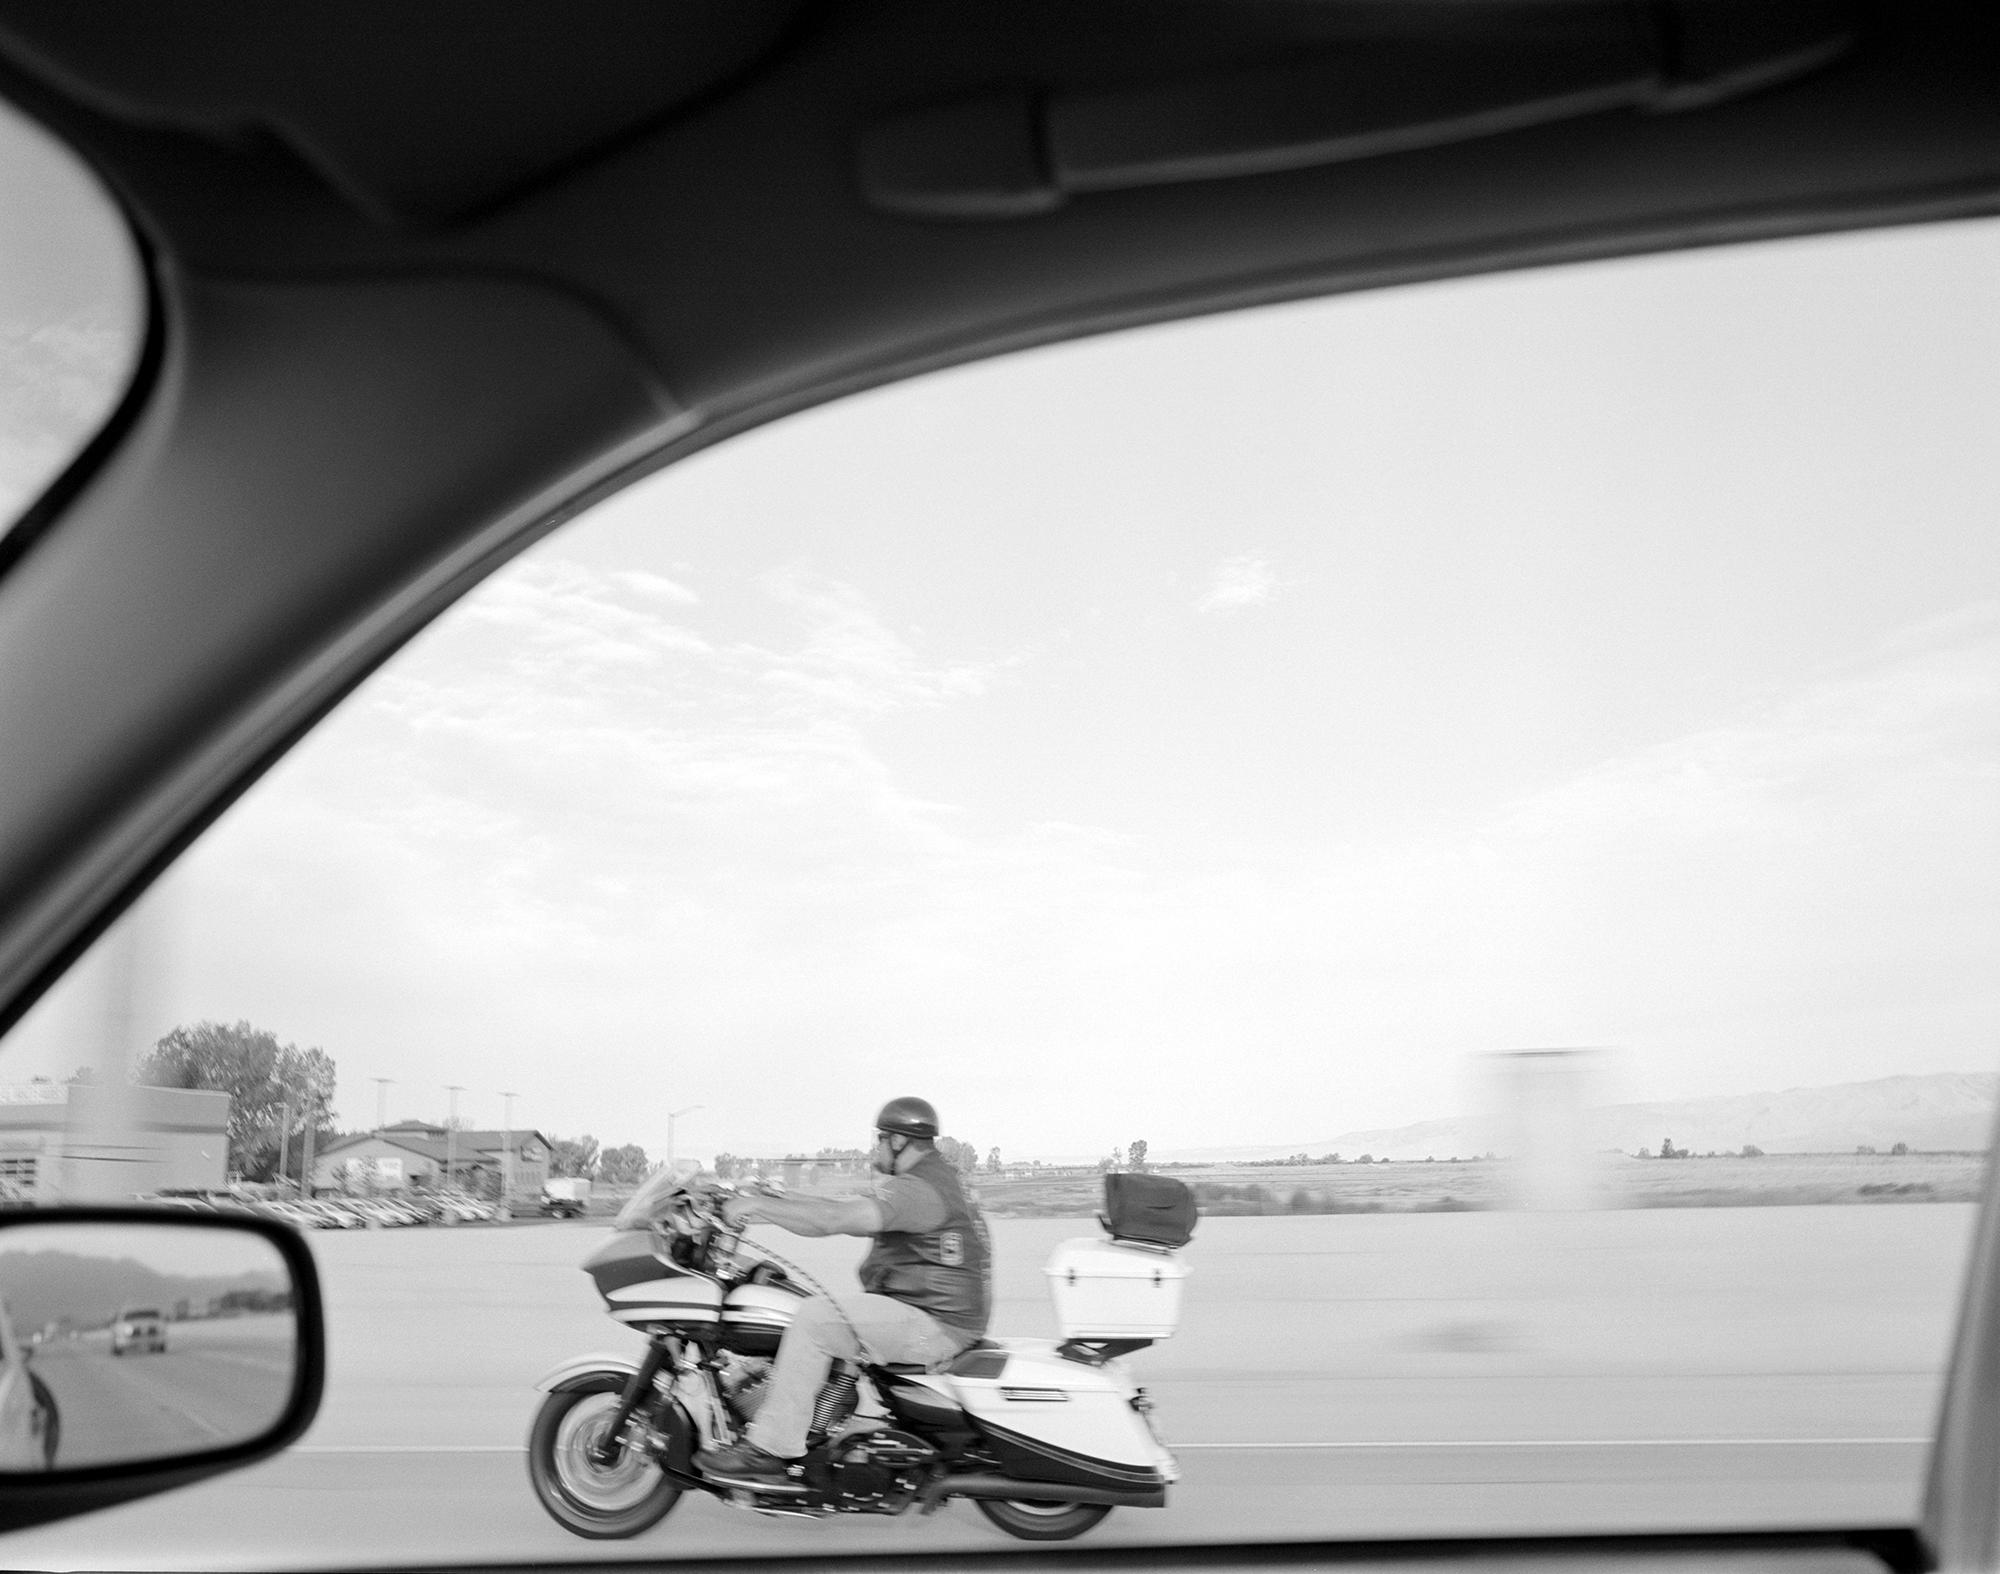 Biker, near Provo, UT